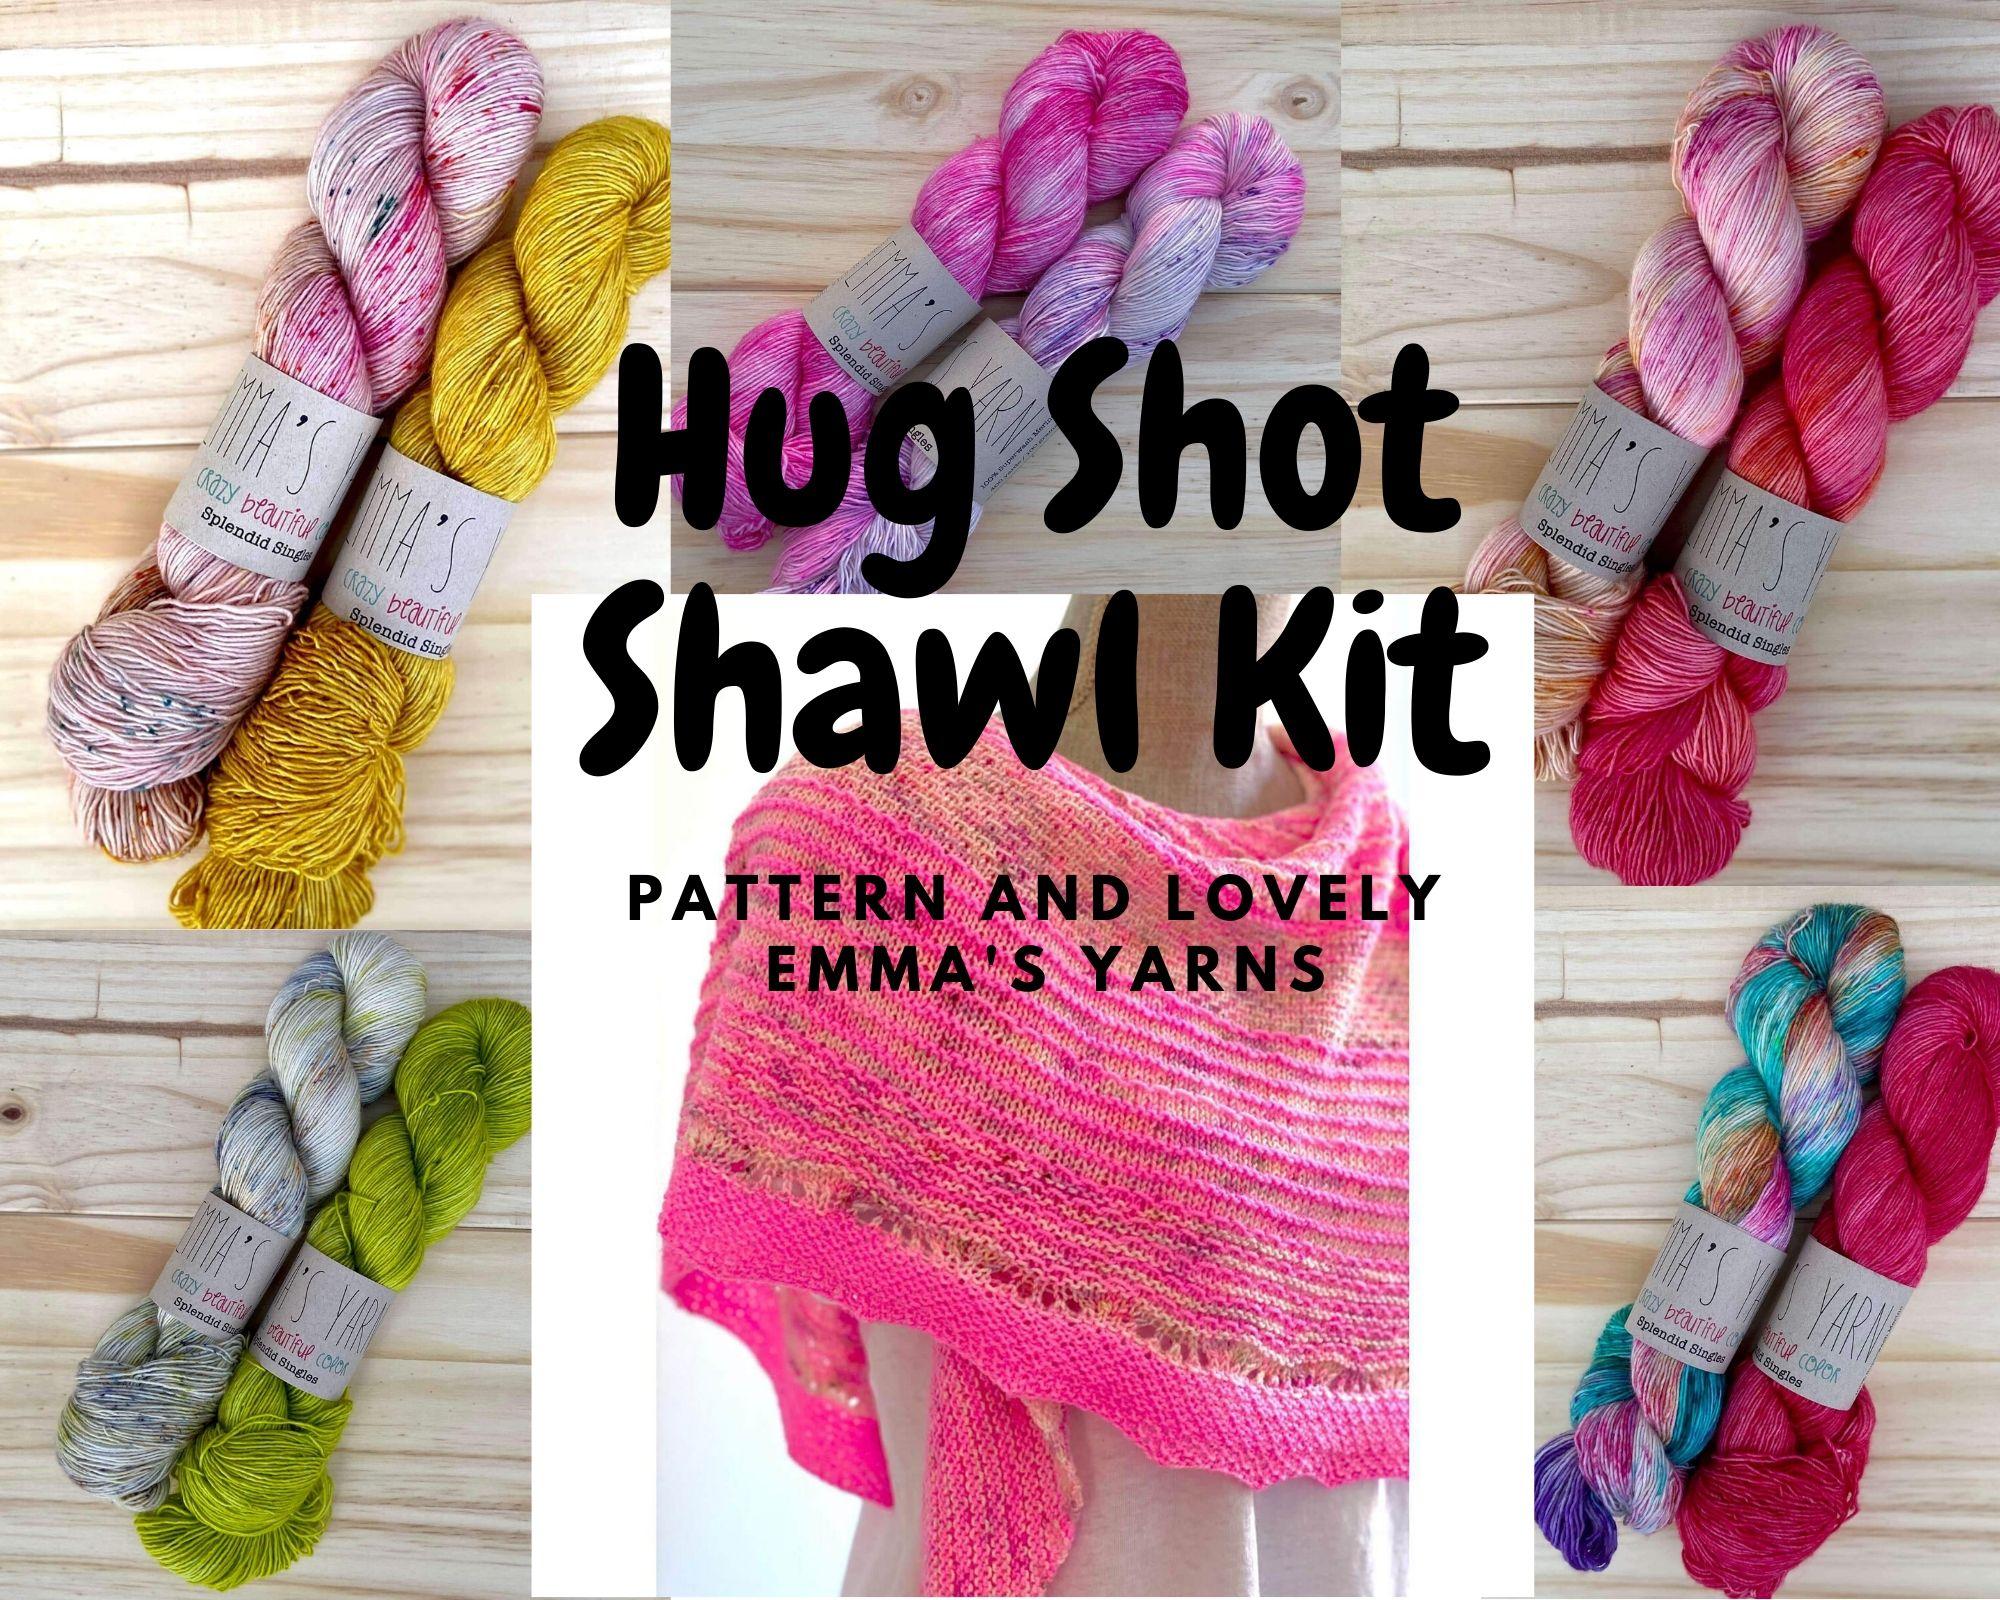 Shaw Knitting Kit